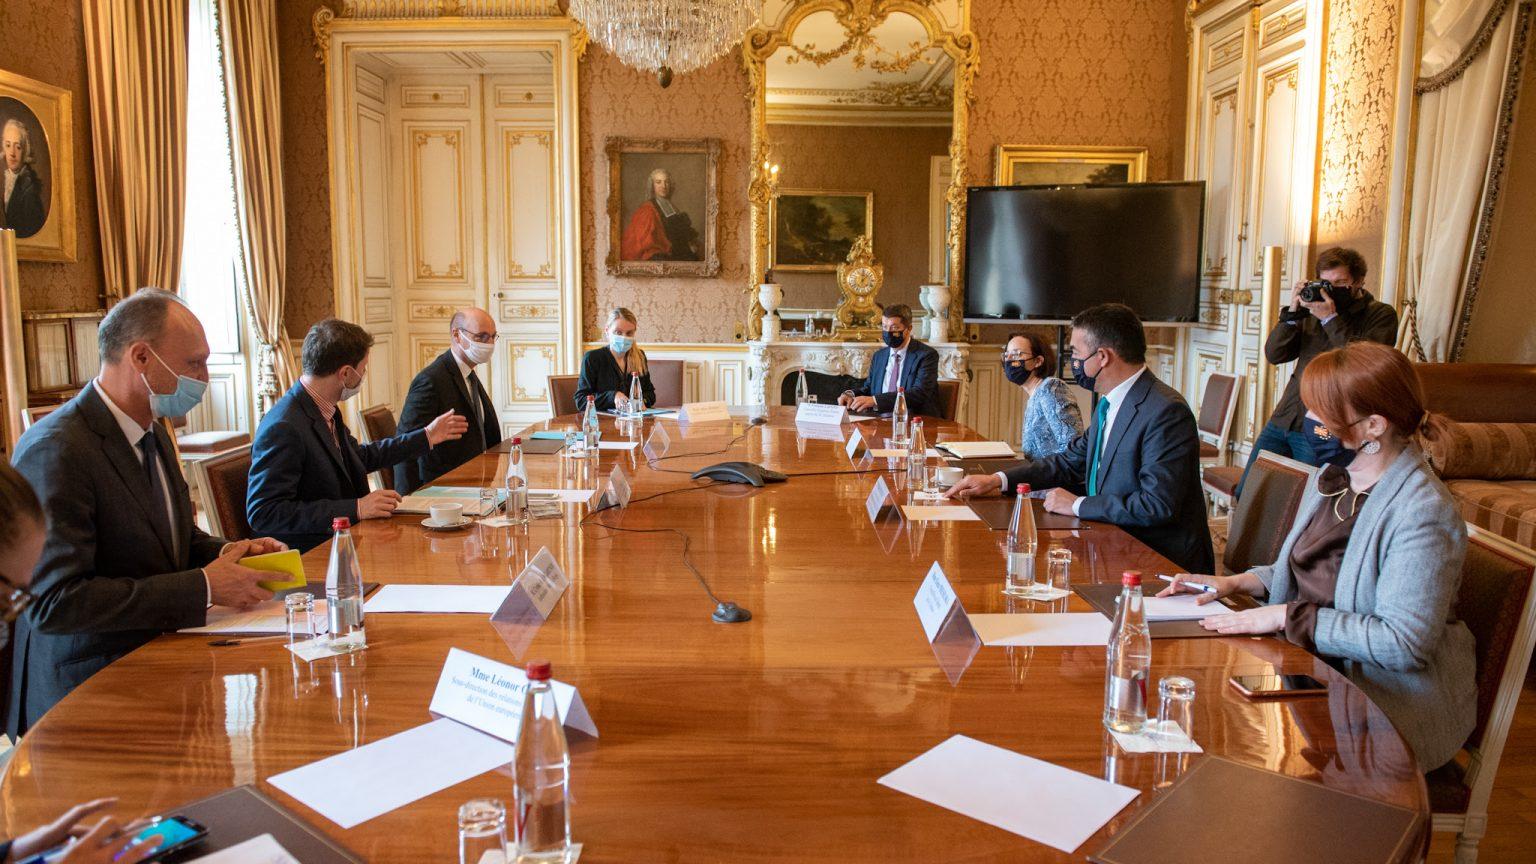 Dobijanje francuske podrške nije lagan posao, kaže Dimitrov